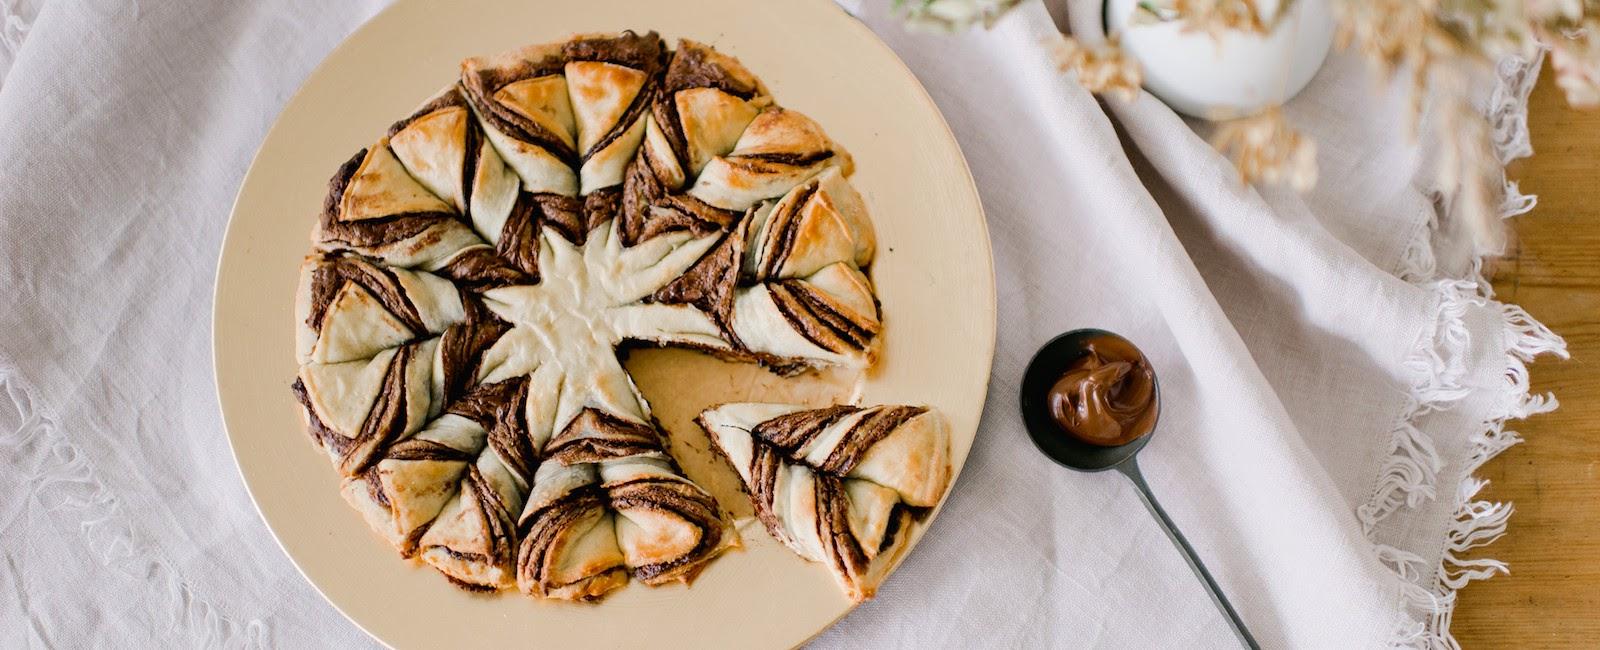 receita como fazer pão estrela flor nutella